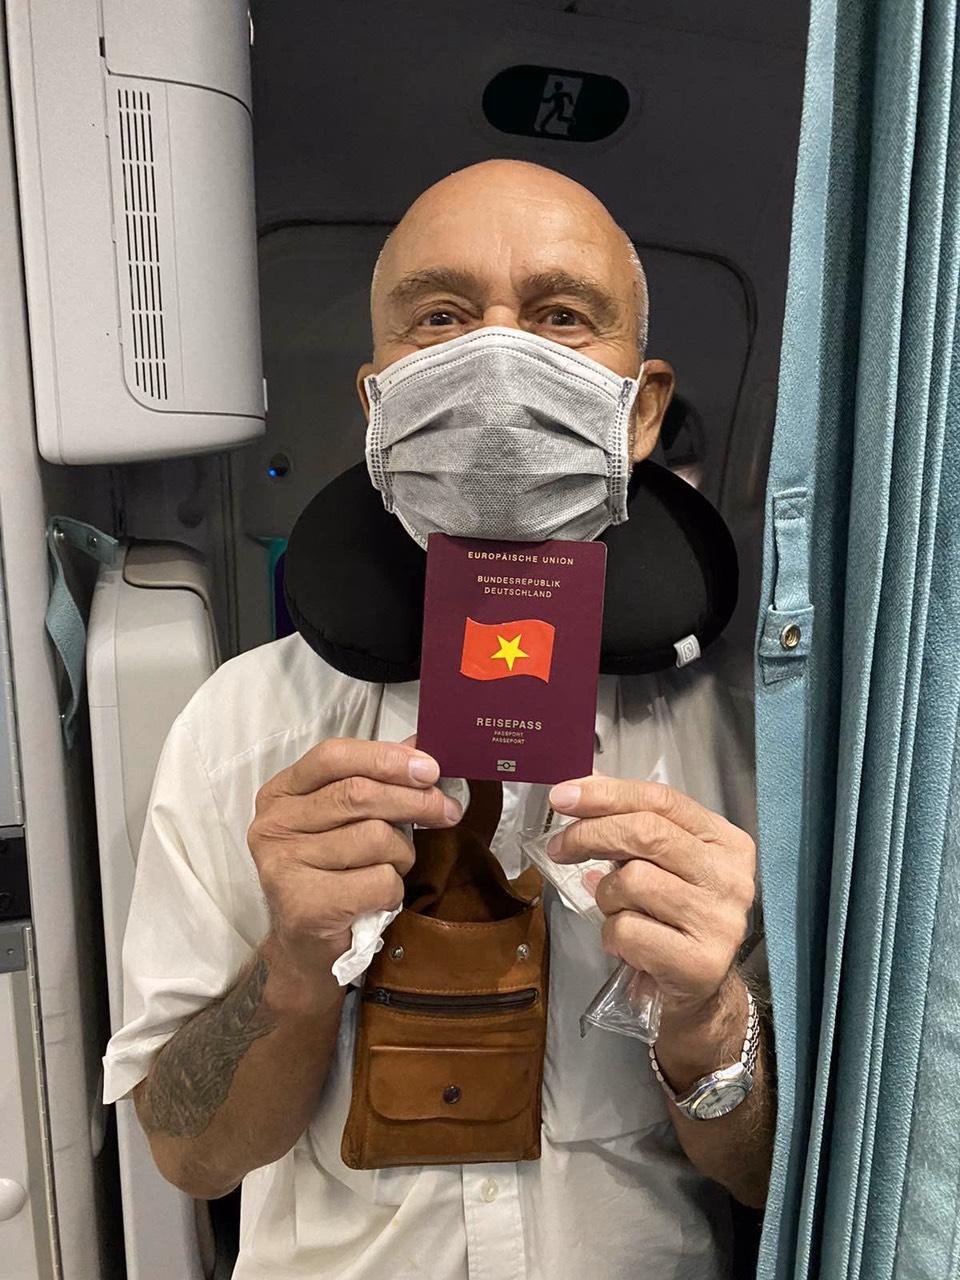 Trên chiều từ Đức về Việt Nam, các chuyến bay không chở hành khách, chỉ chở hàng hóa. Các máy bay được vệ sinh, khử trùng y tế toàn bộ khoang hành khách, buồng lái, hầm hàng ngay sau khi hạ cánh. Chuyến bay có ý nghĩa đặc biệt với các hành khách Đức, châu Âu đang mắc kẹt tại Việt Nam do hiện nay, các chuyến bay thường lệ từ Việt Nam đi quốc tế đều đã bị tạm dừng. Bên cạnh ý nghĩa vận chuyển hành khách hồi hương, viện trợ hàng hóa y tế, chuyến bay còn góp phần thắt chặt quan hệ ngoại giao giữa Việt Nam với Đức và các nước châu Âu, hỗ trợ công cuộc phòng chống, đẩy lùi đại dịch Covid-19 trên toàn thế giới.